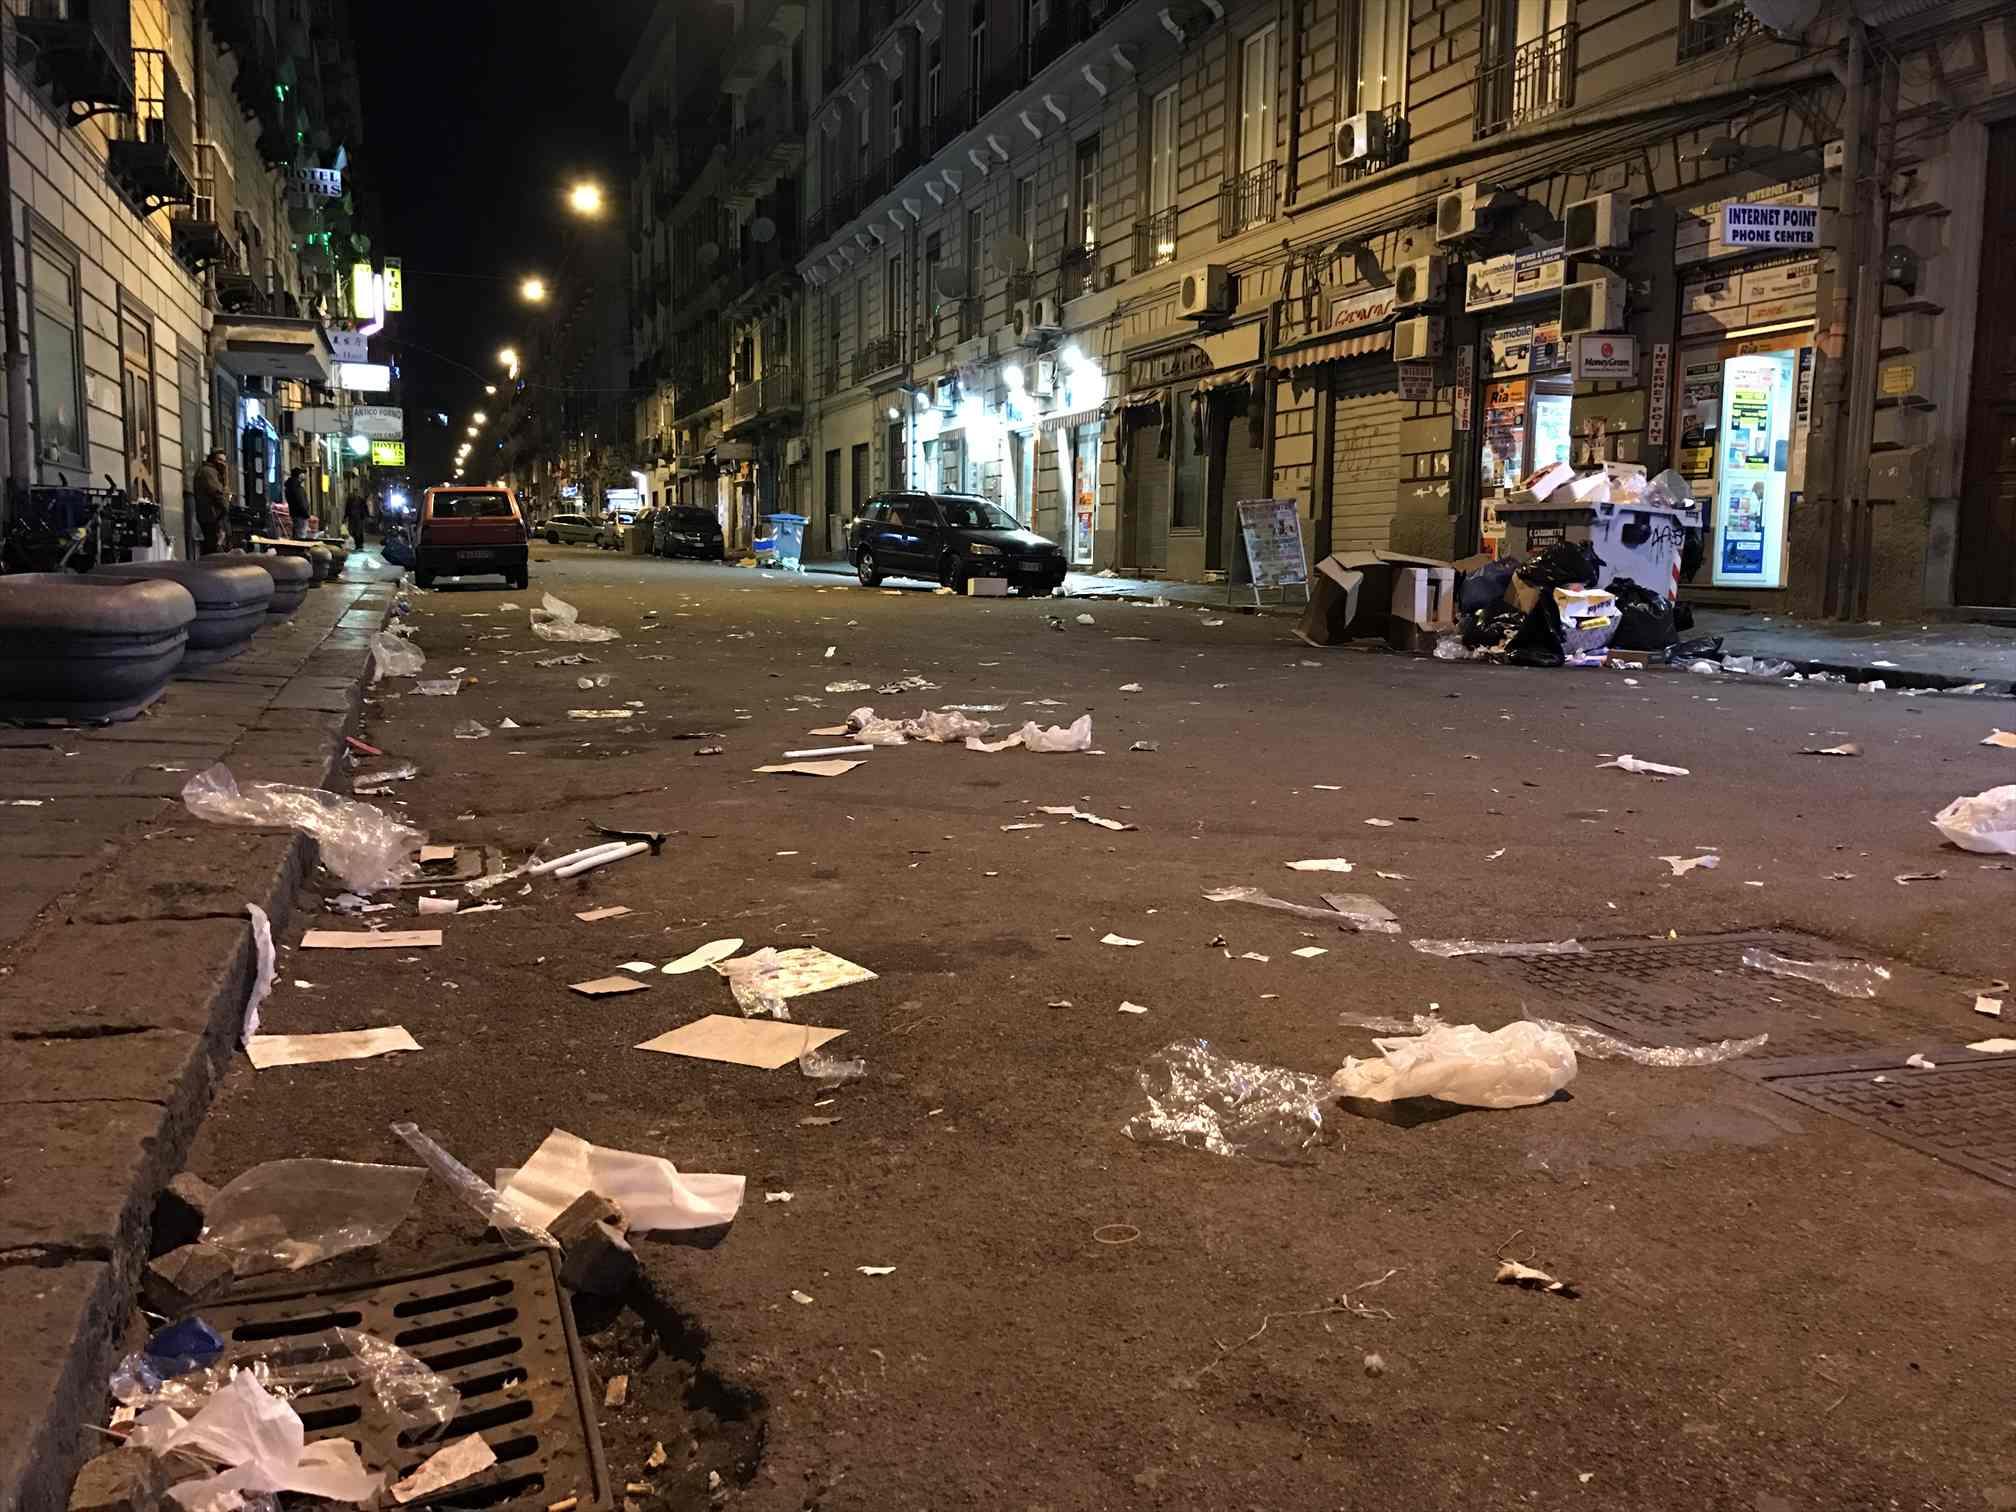 ゴミだらけのナポリの街